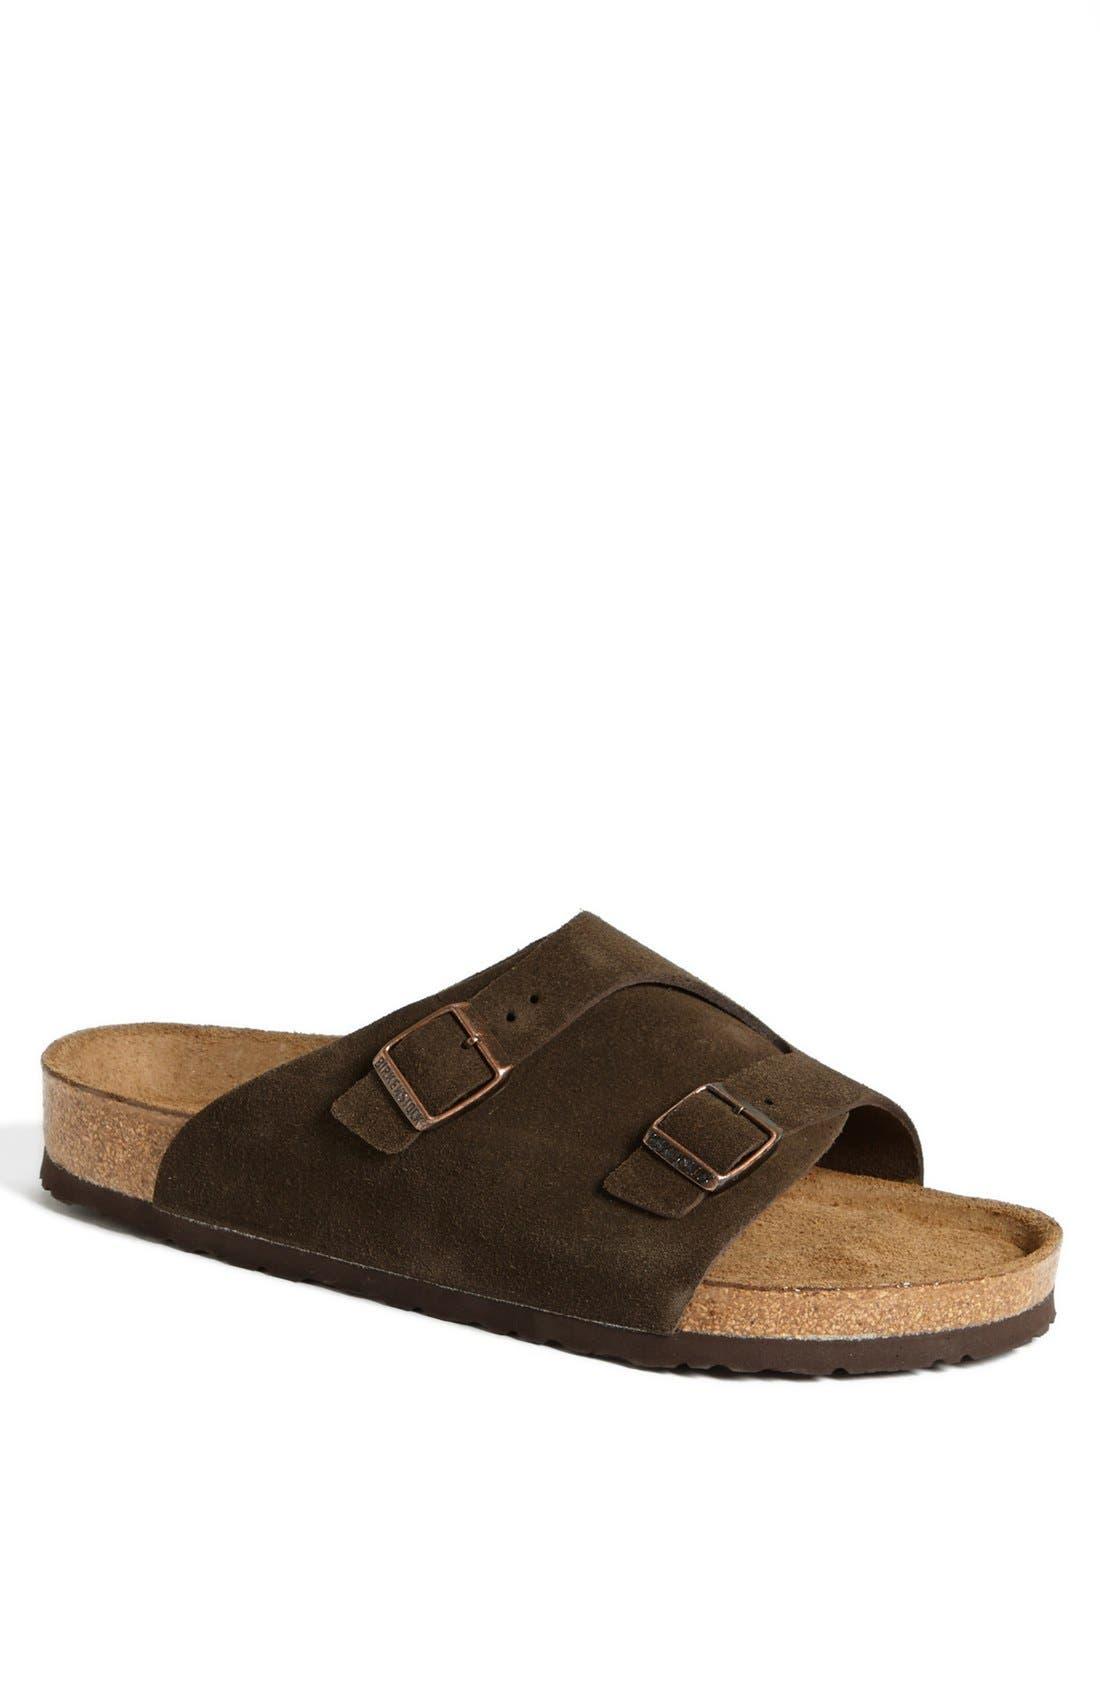 Alternate Image 1 Selected - Birkenstock 'Zürich Soft' Sandal (Men)